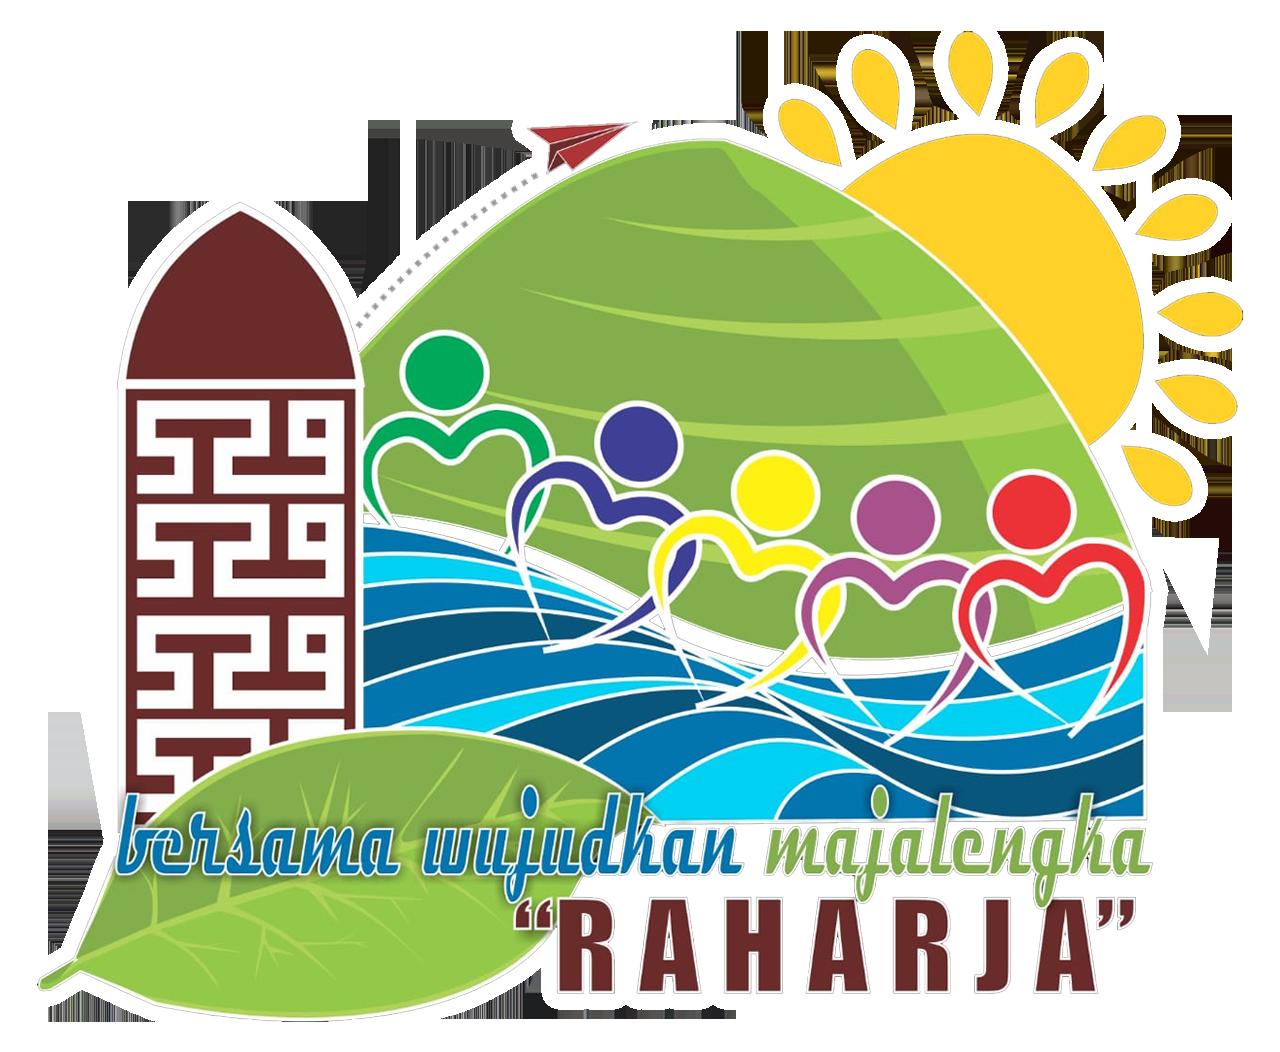 logo hari jadi majalengka ke 529 setda kabupaten majalengka logo hari jadi majalengka ke 529